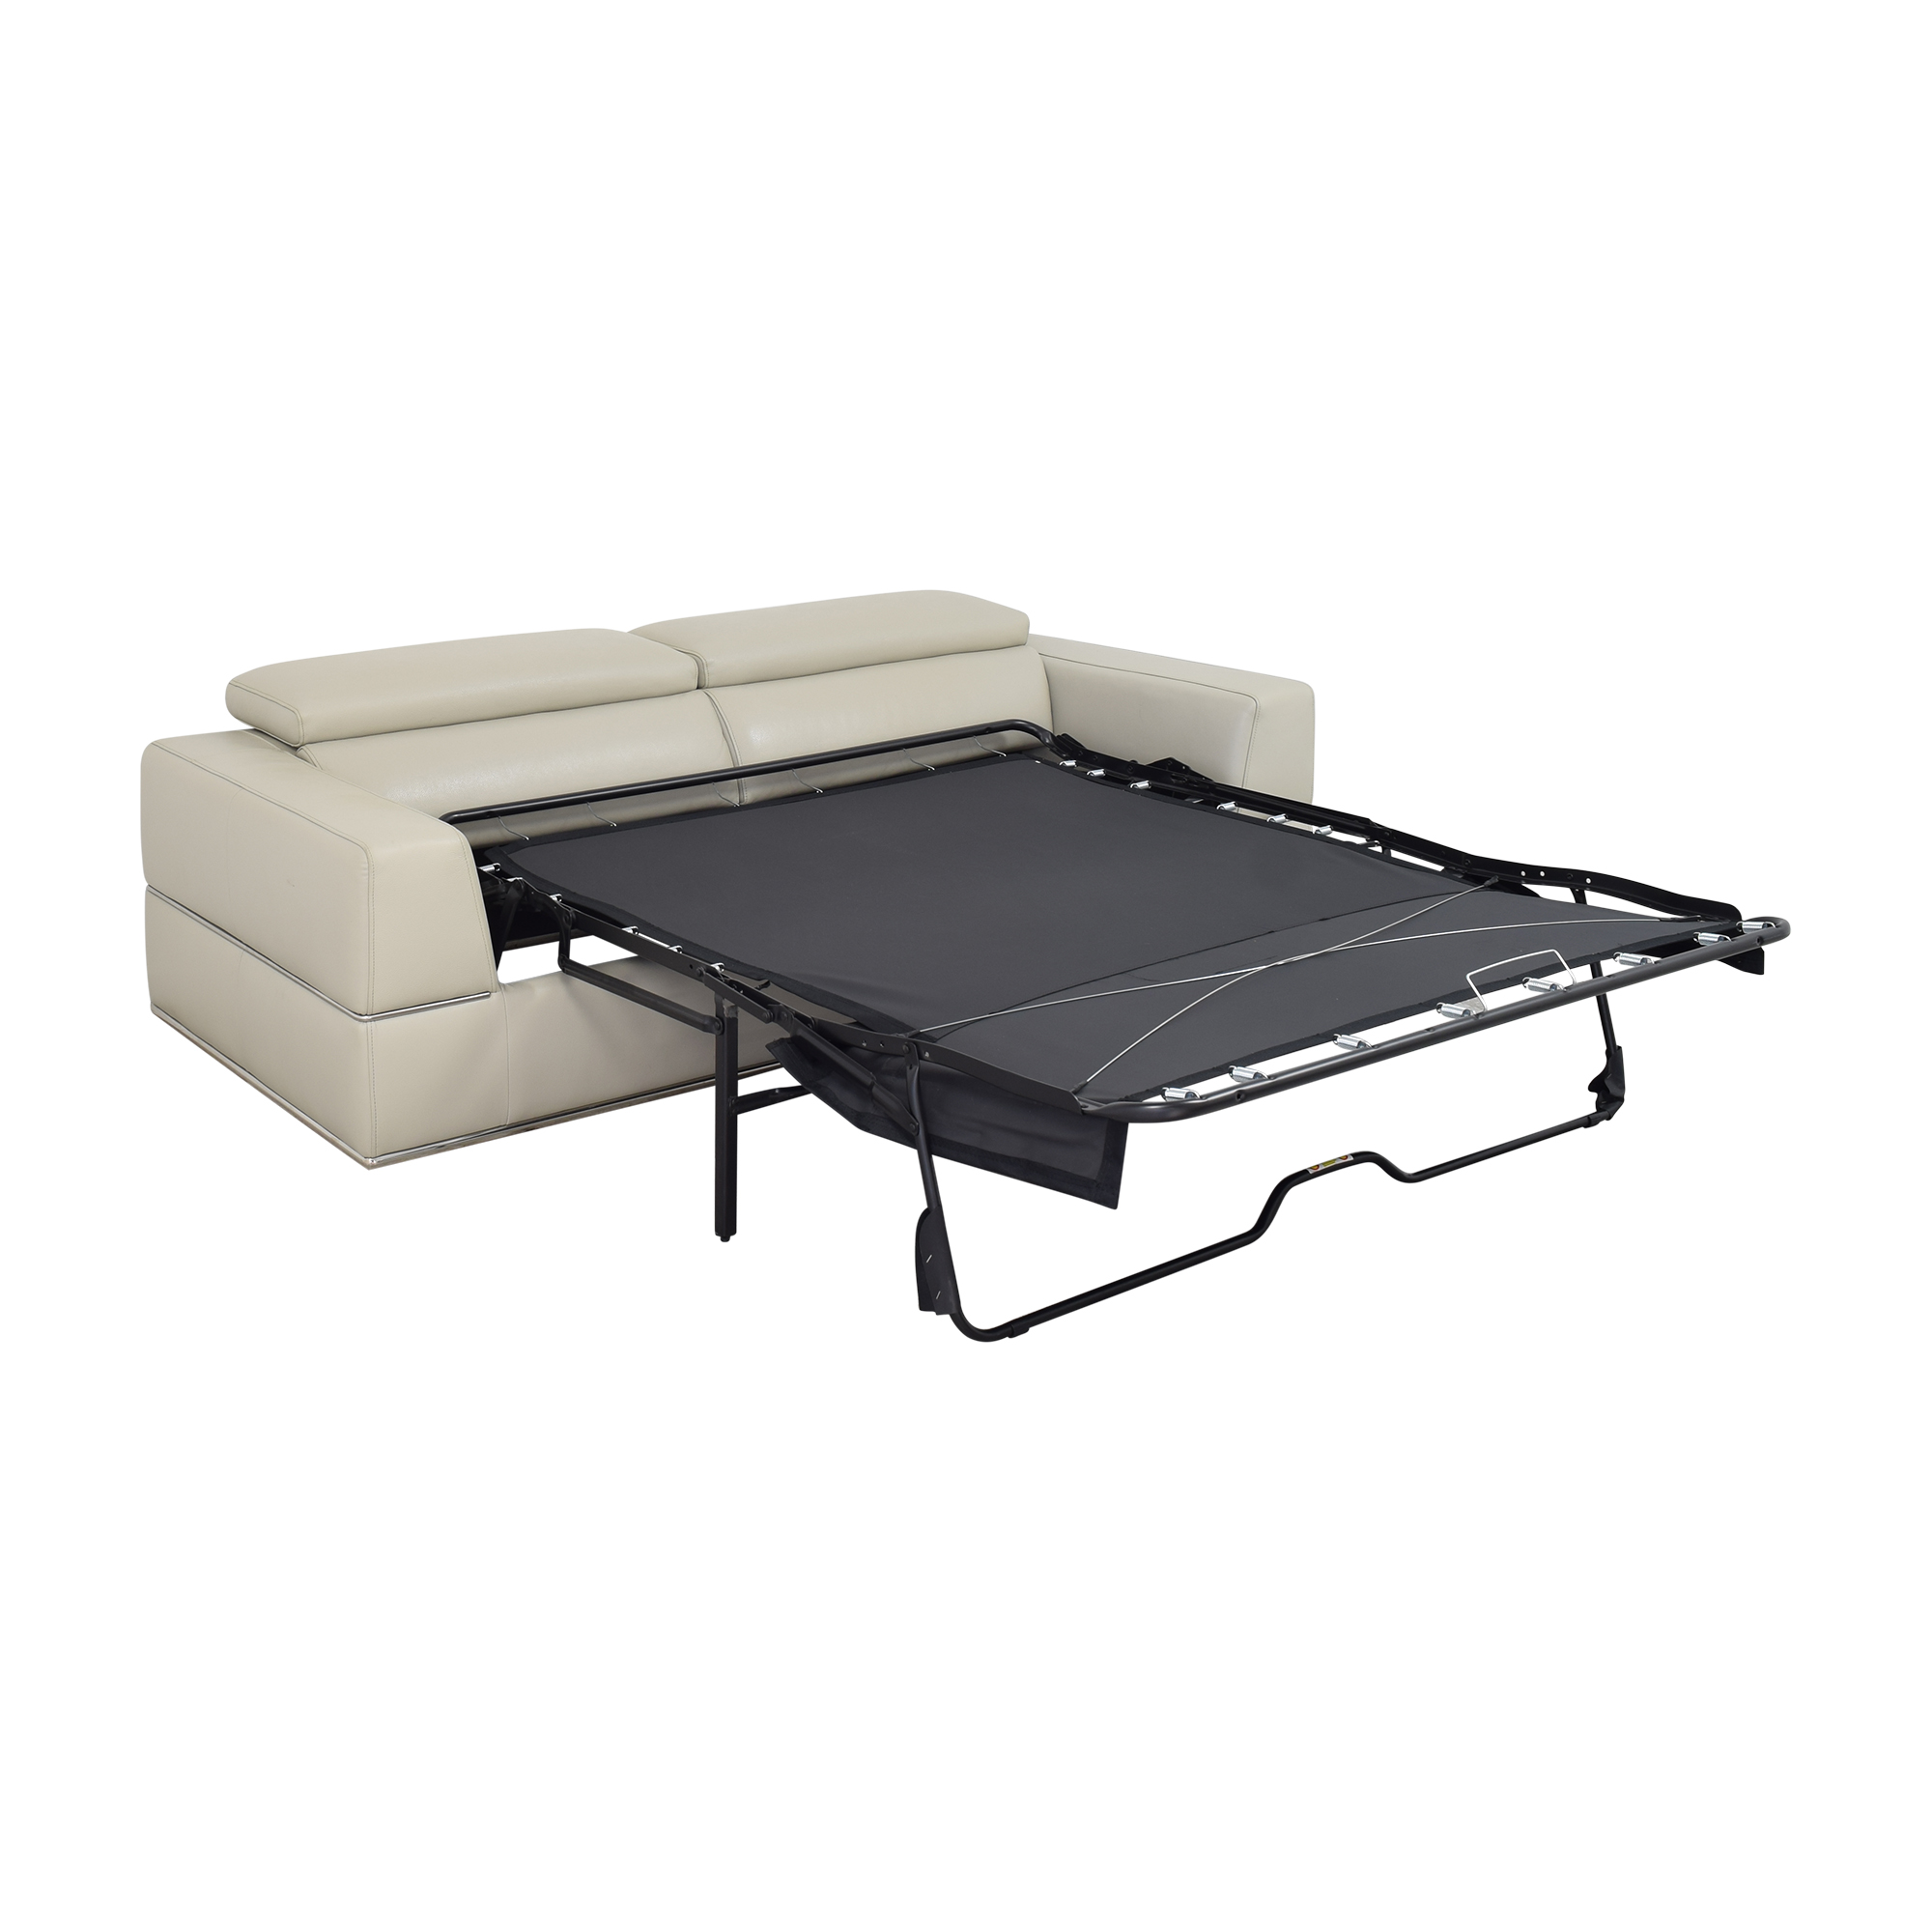 Modani Modani Bergamo Queen Sofa Bed used